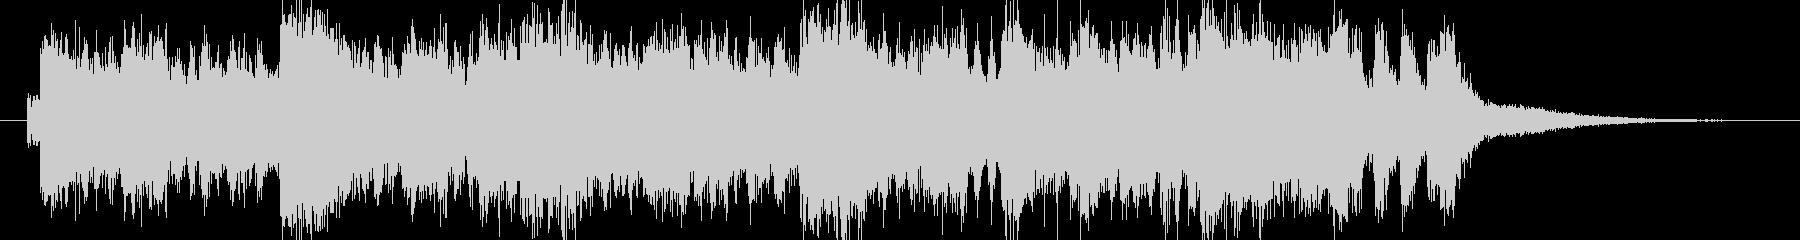 アクション風 オーケストラファンファーレの未再生の波形